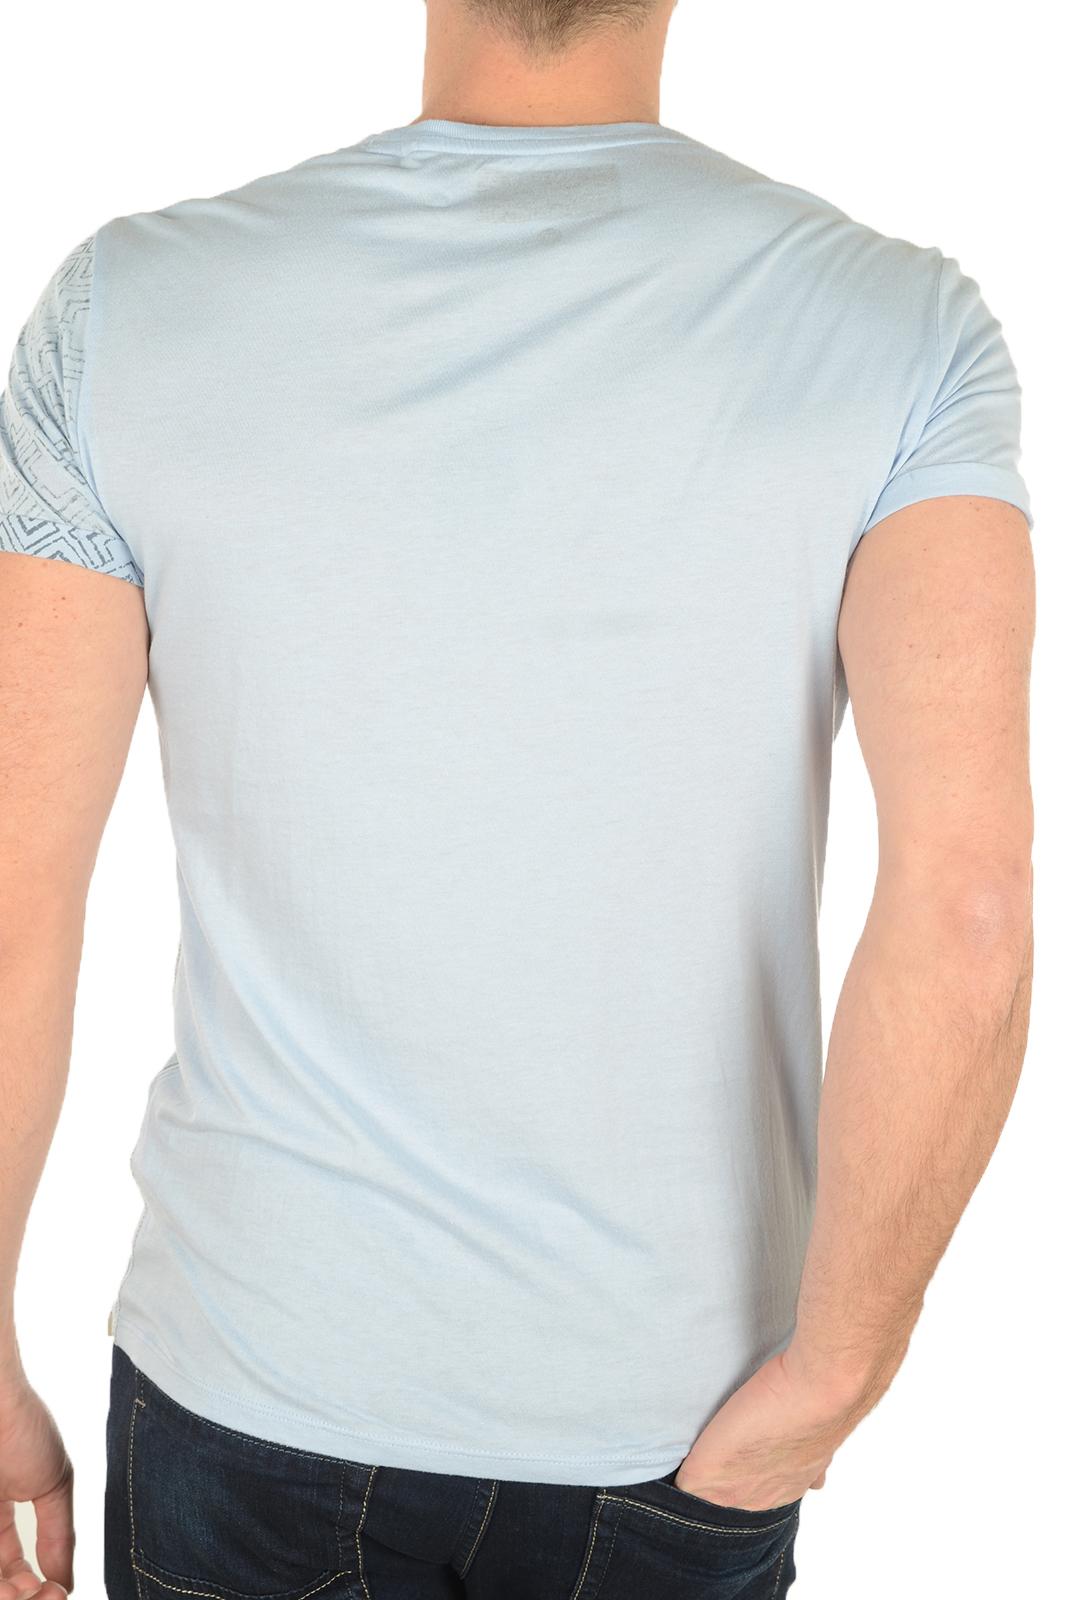 Tee-shirts  Guess jeans M72I53K5J70 B646 CIEL